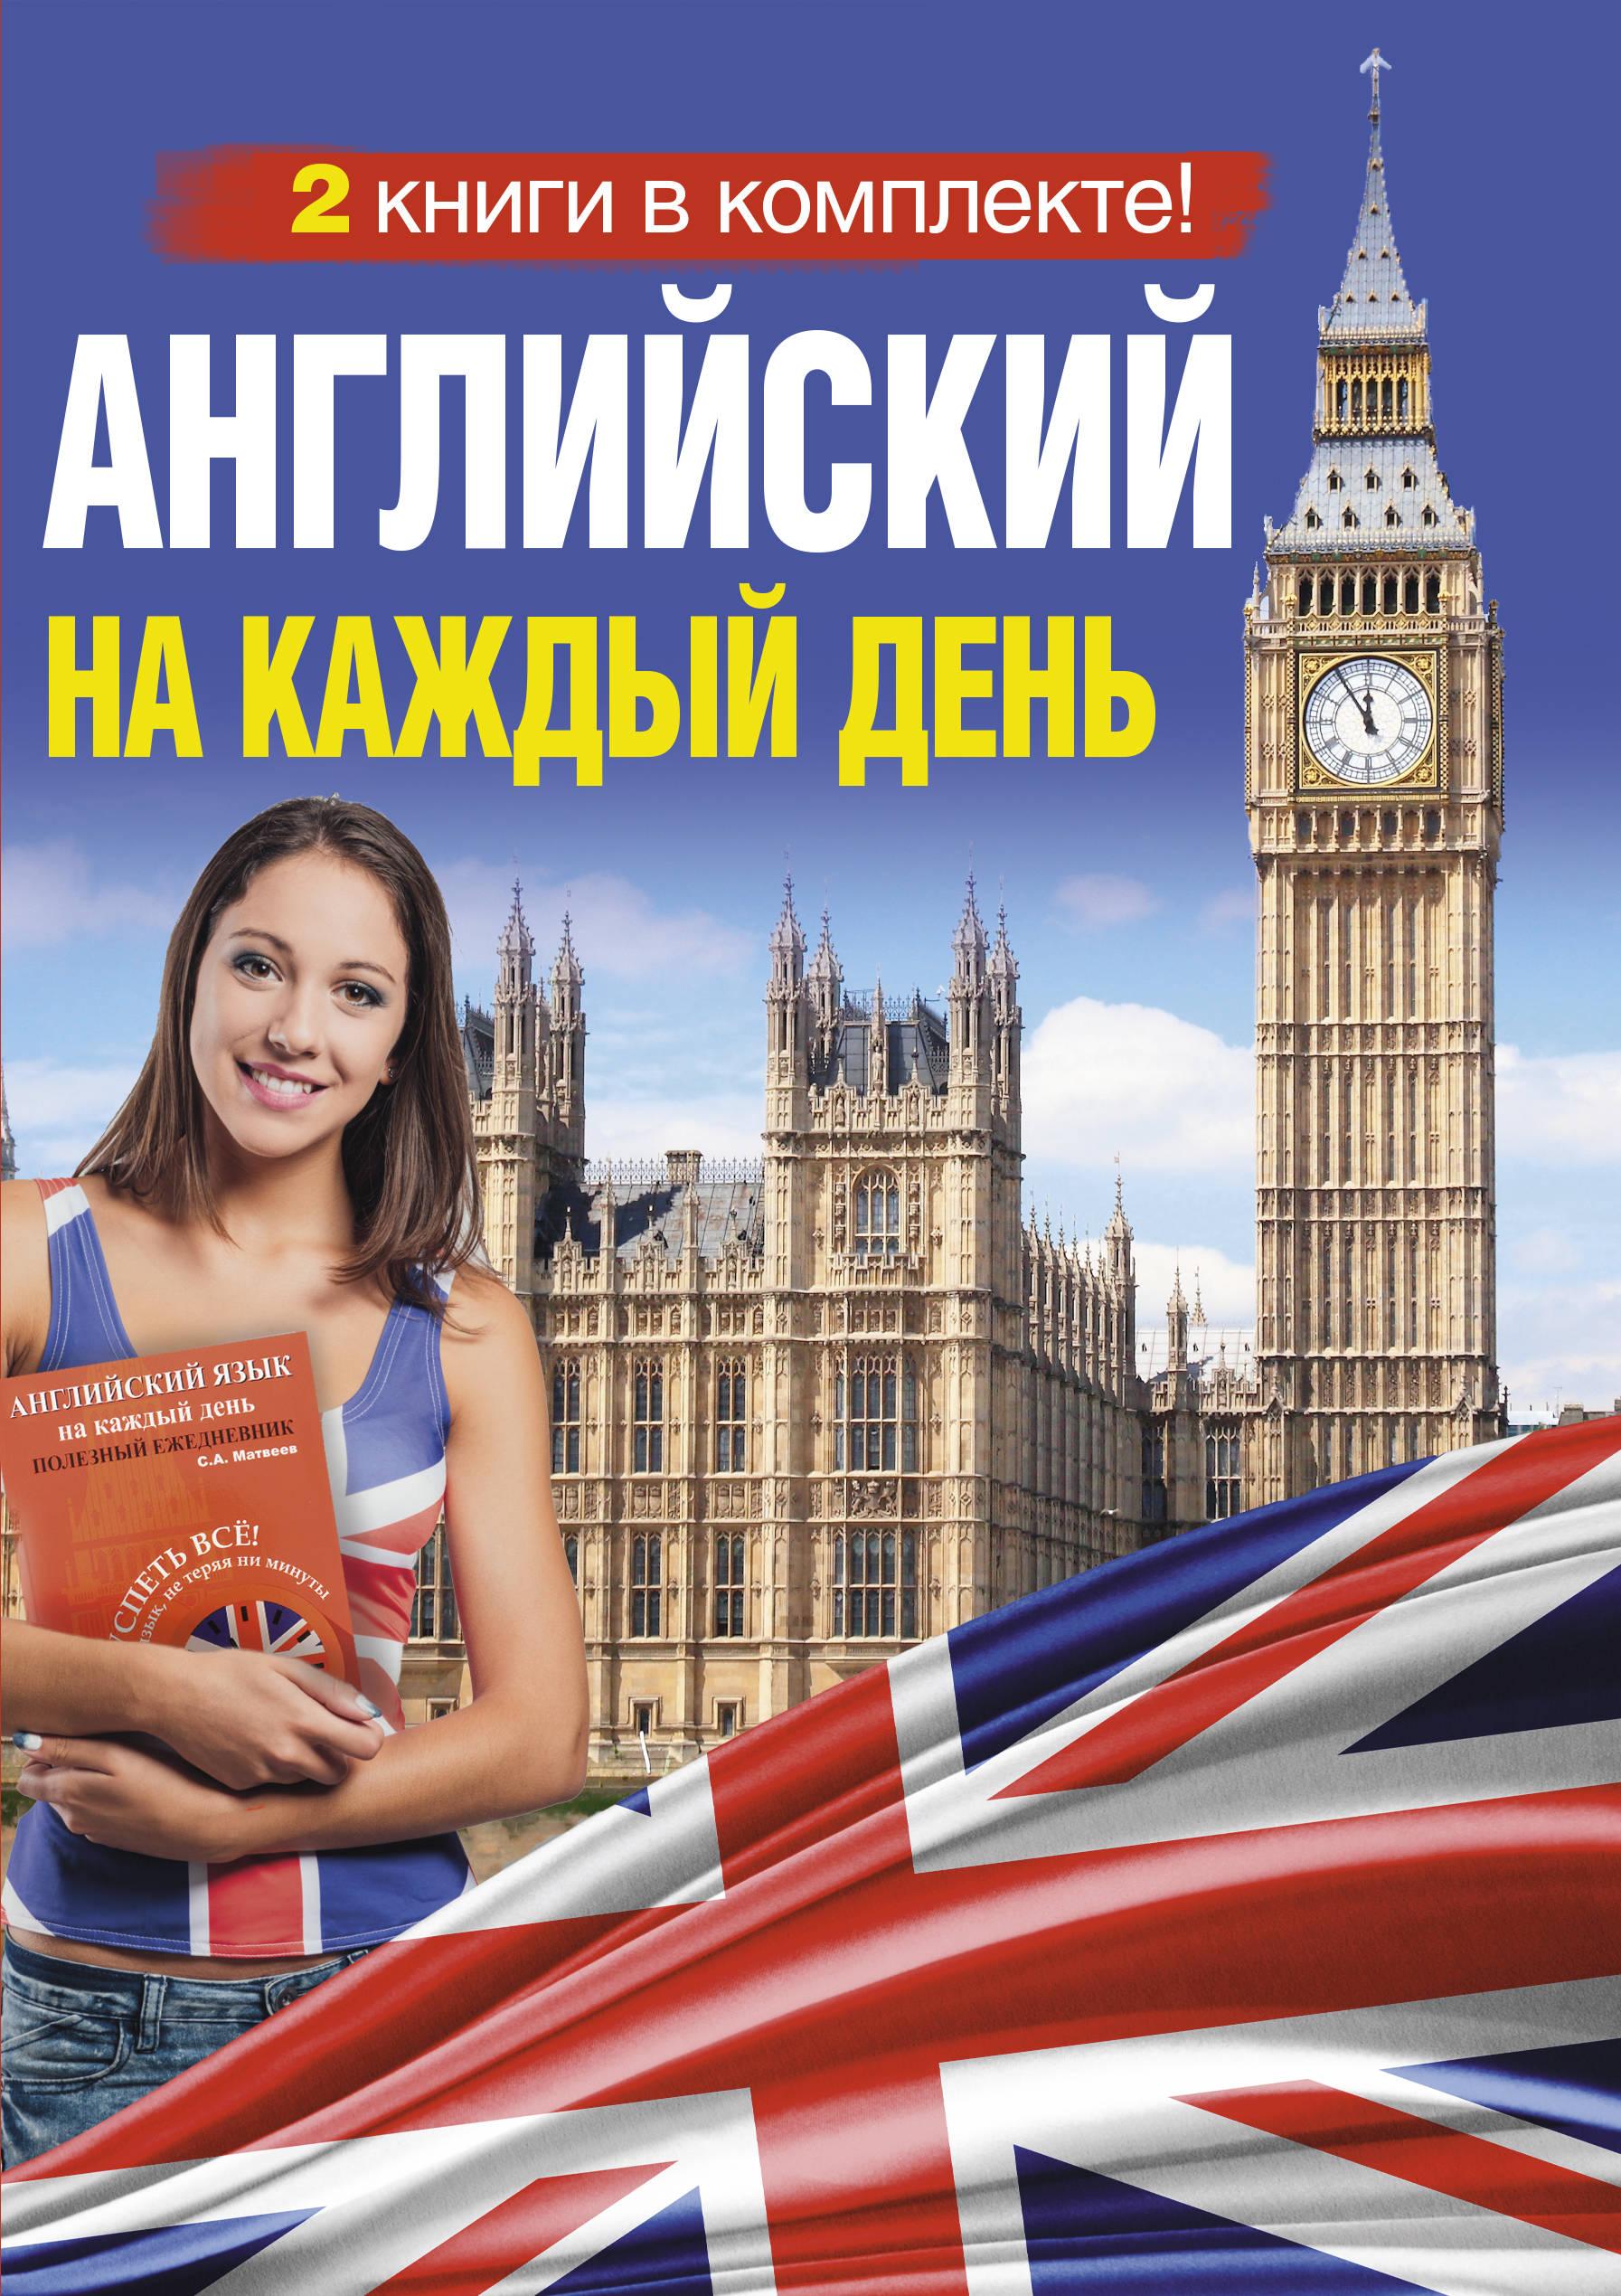 Курсы английского в Гродно для взрослых и детей - Mr. English